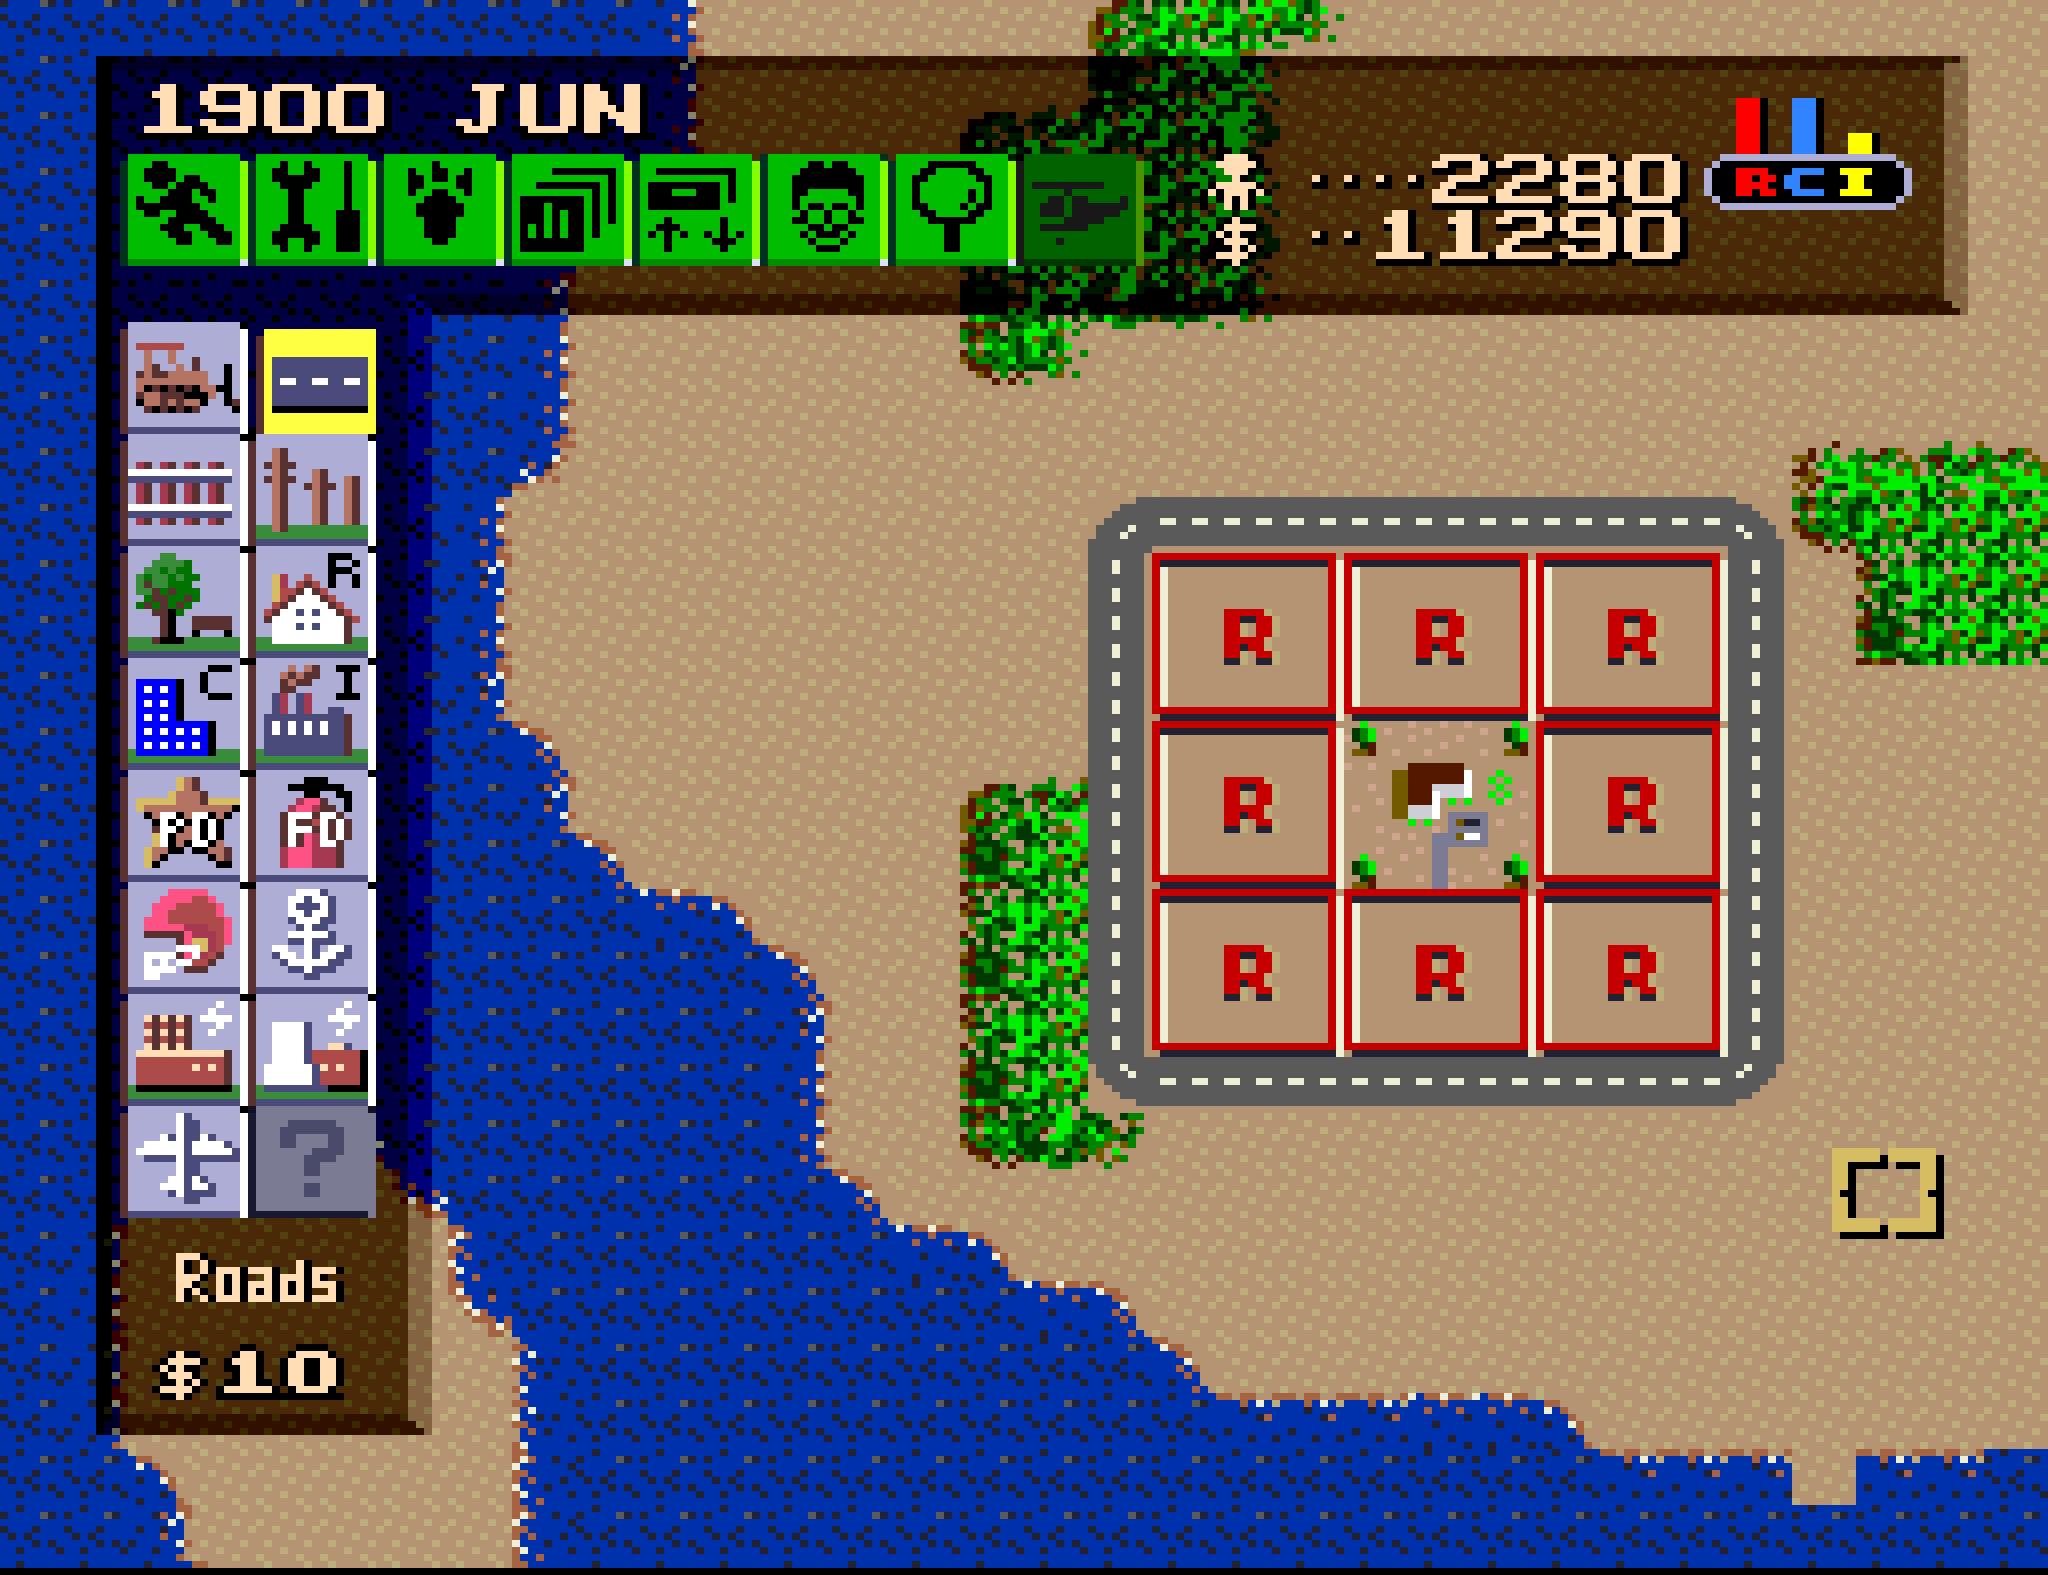 Как «цифровые археологи» обнаружили утерянную версию SimCity для NES и восстановили ее - 6